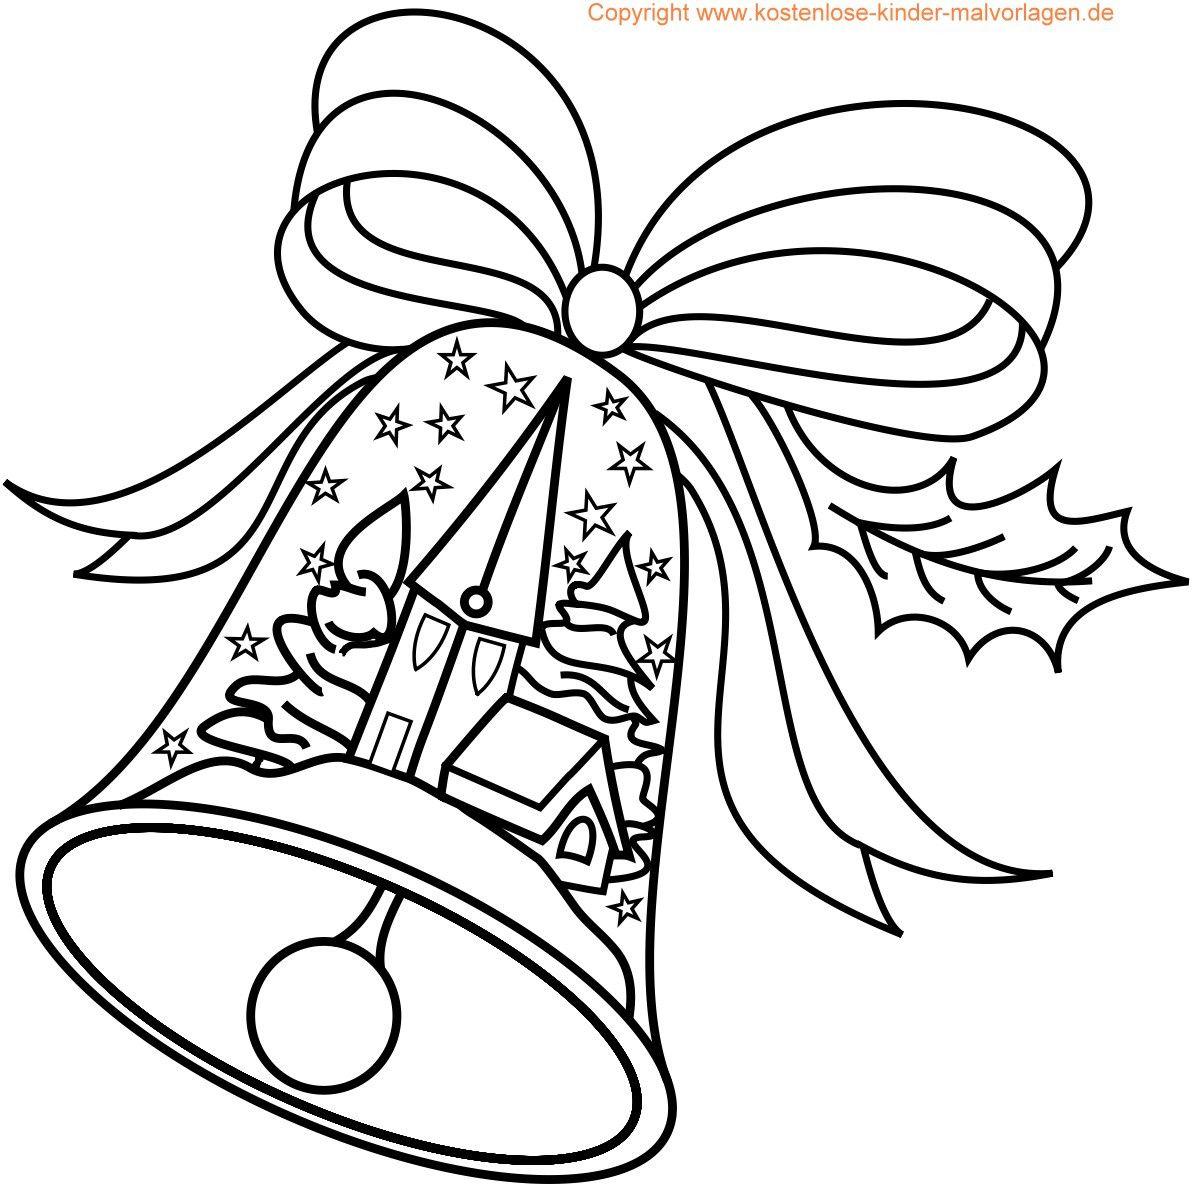 10 positiv malvorlagen weihnachten kostenlos | malvorlagen